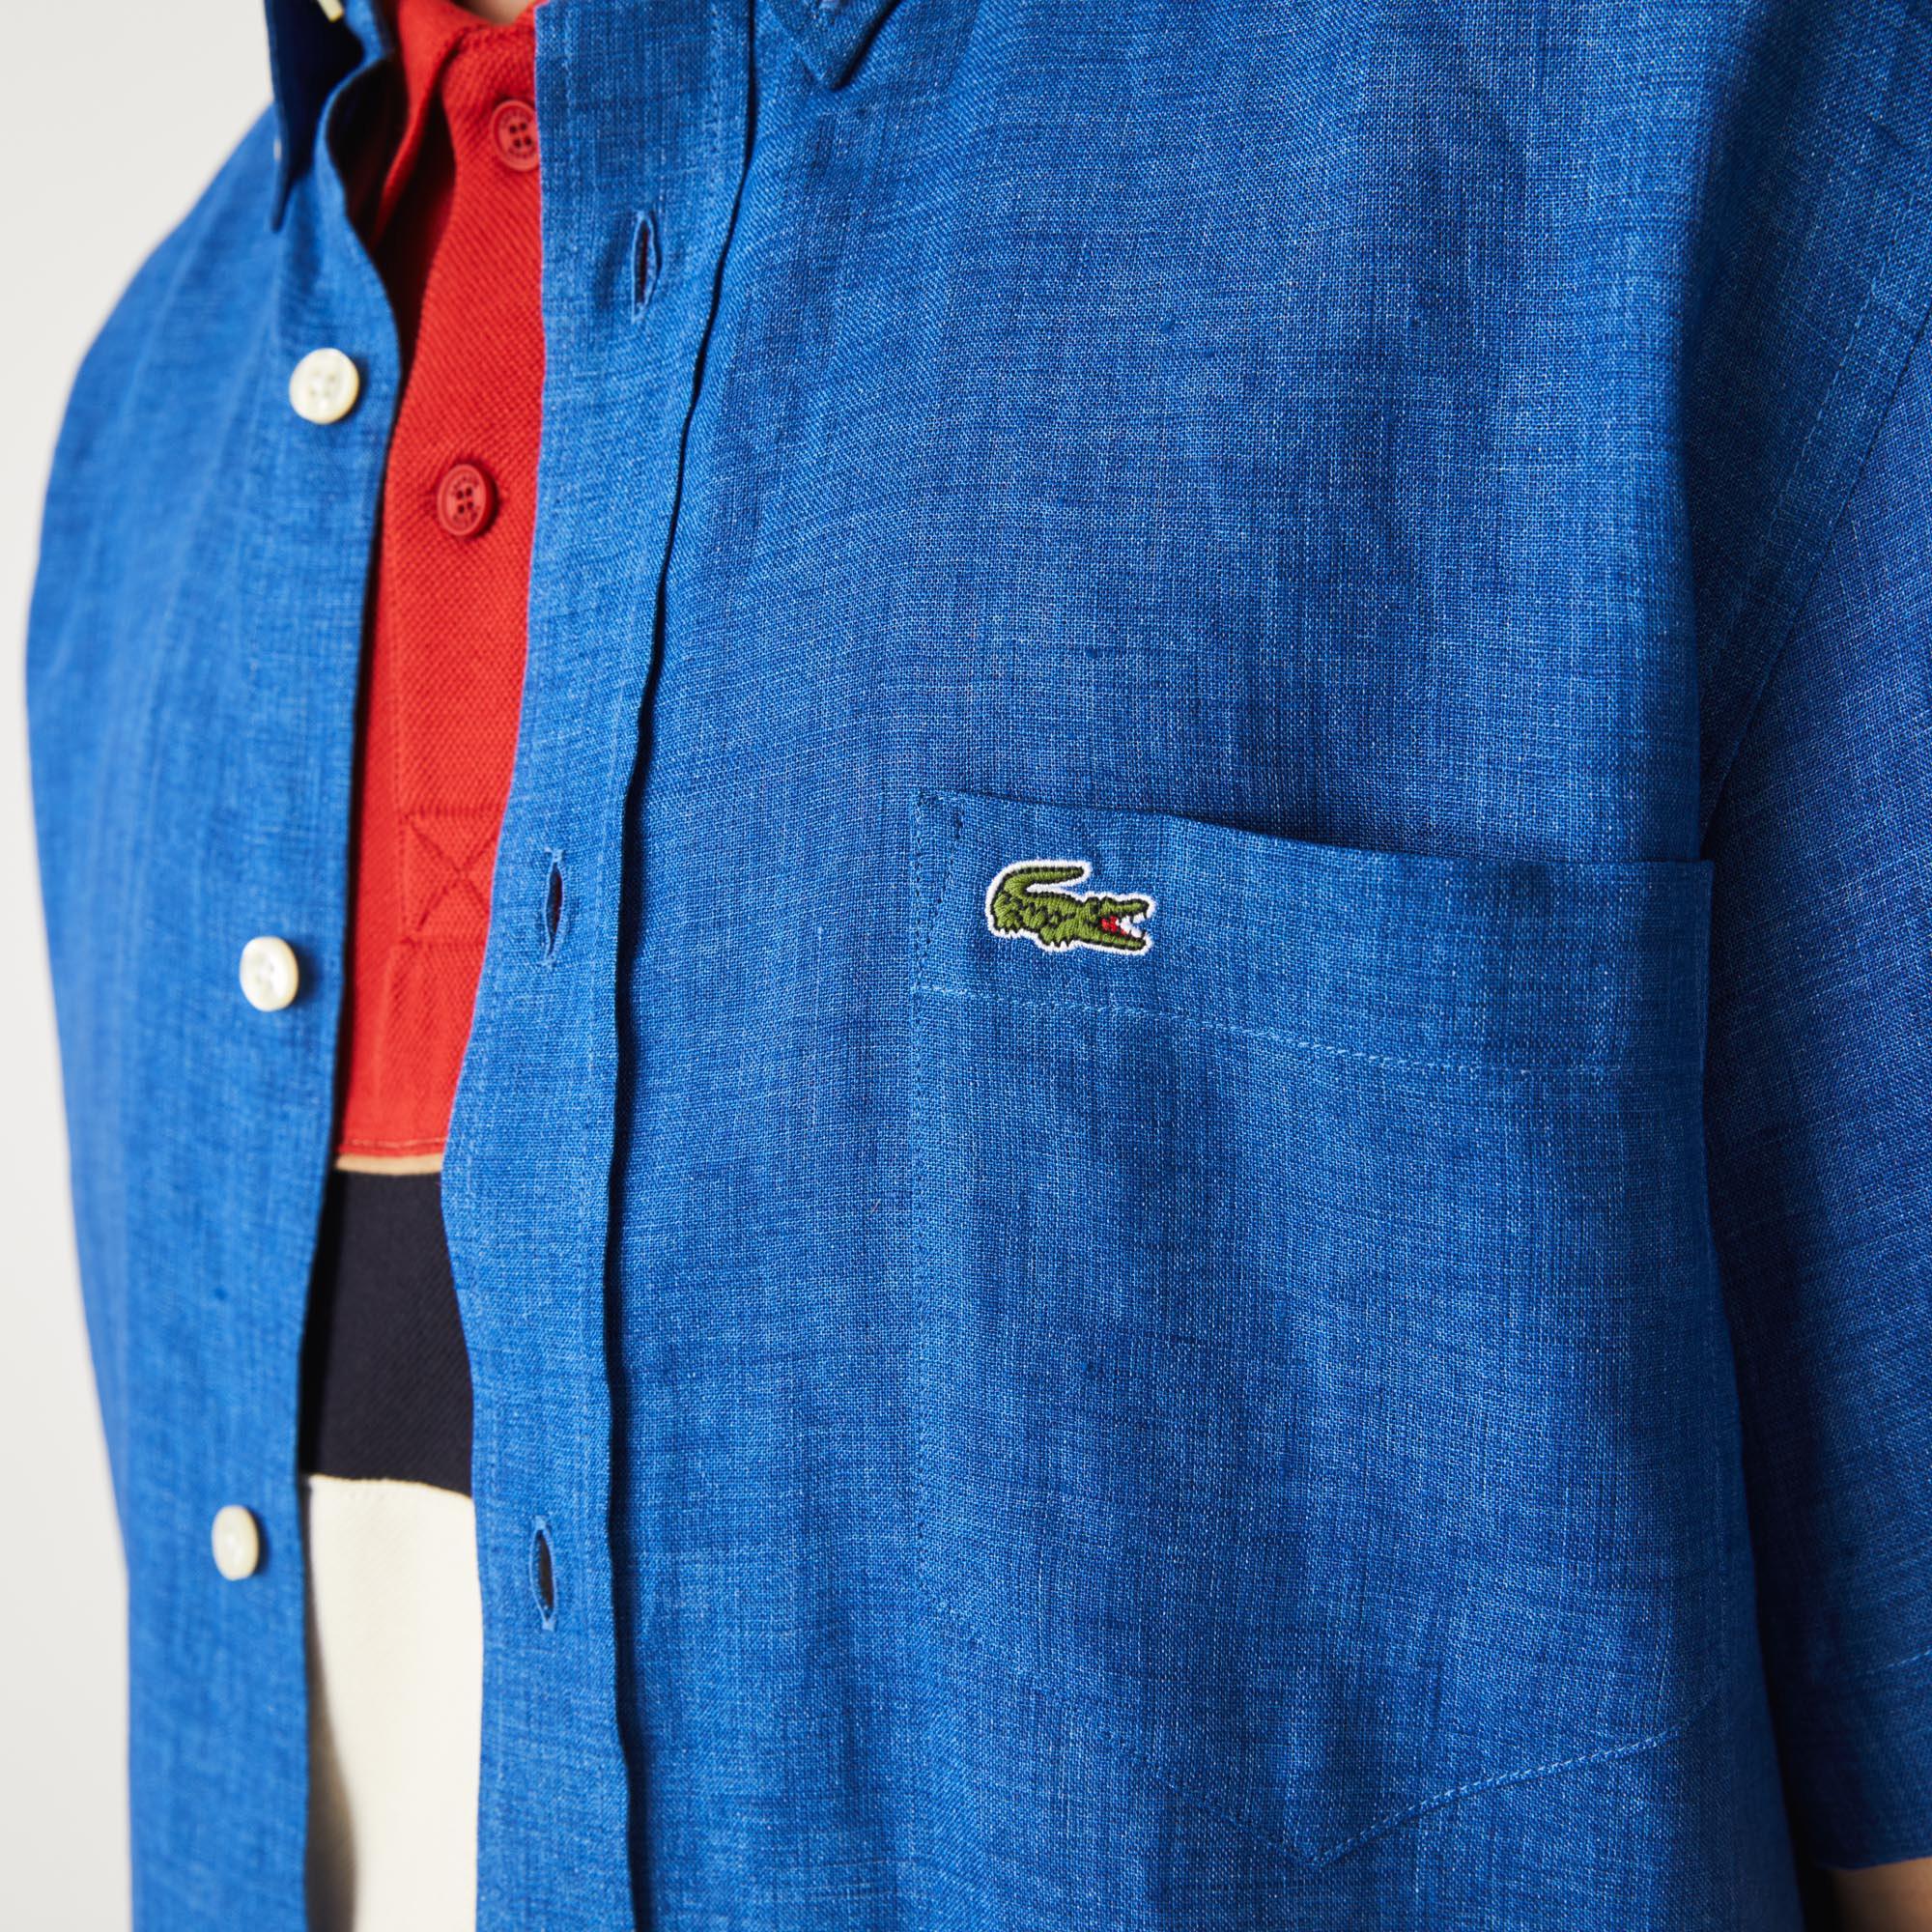 Lacoste Erkek Regular Fit Keten Kısa Kollu Saks Mavi Gömlek